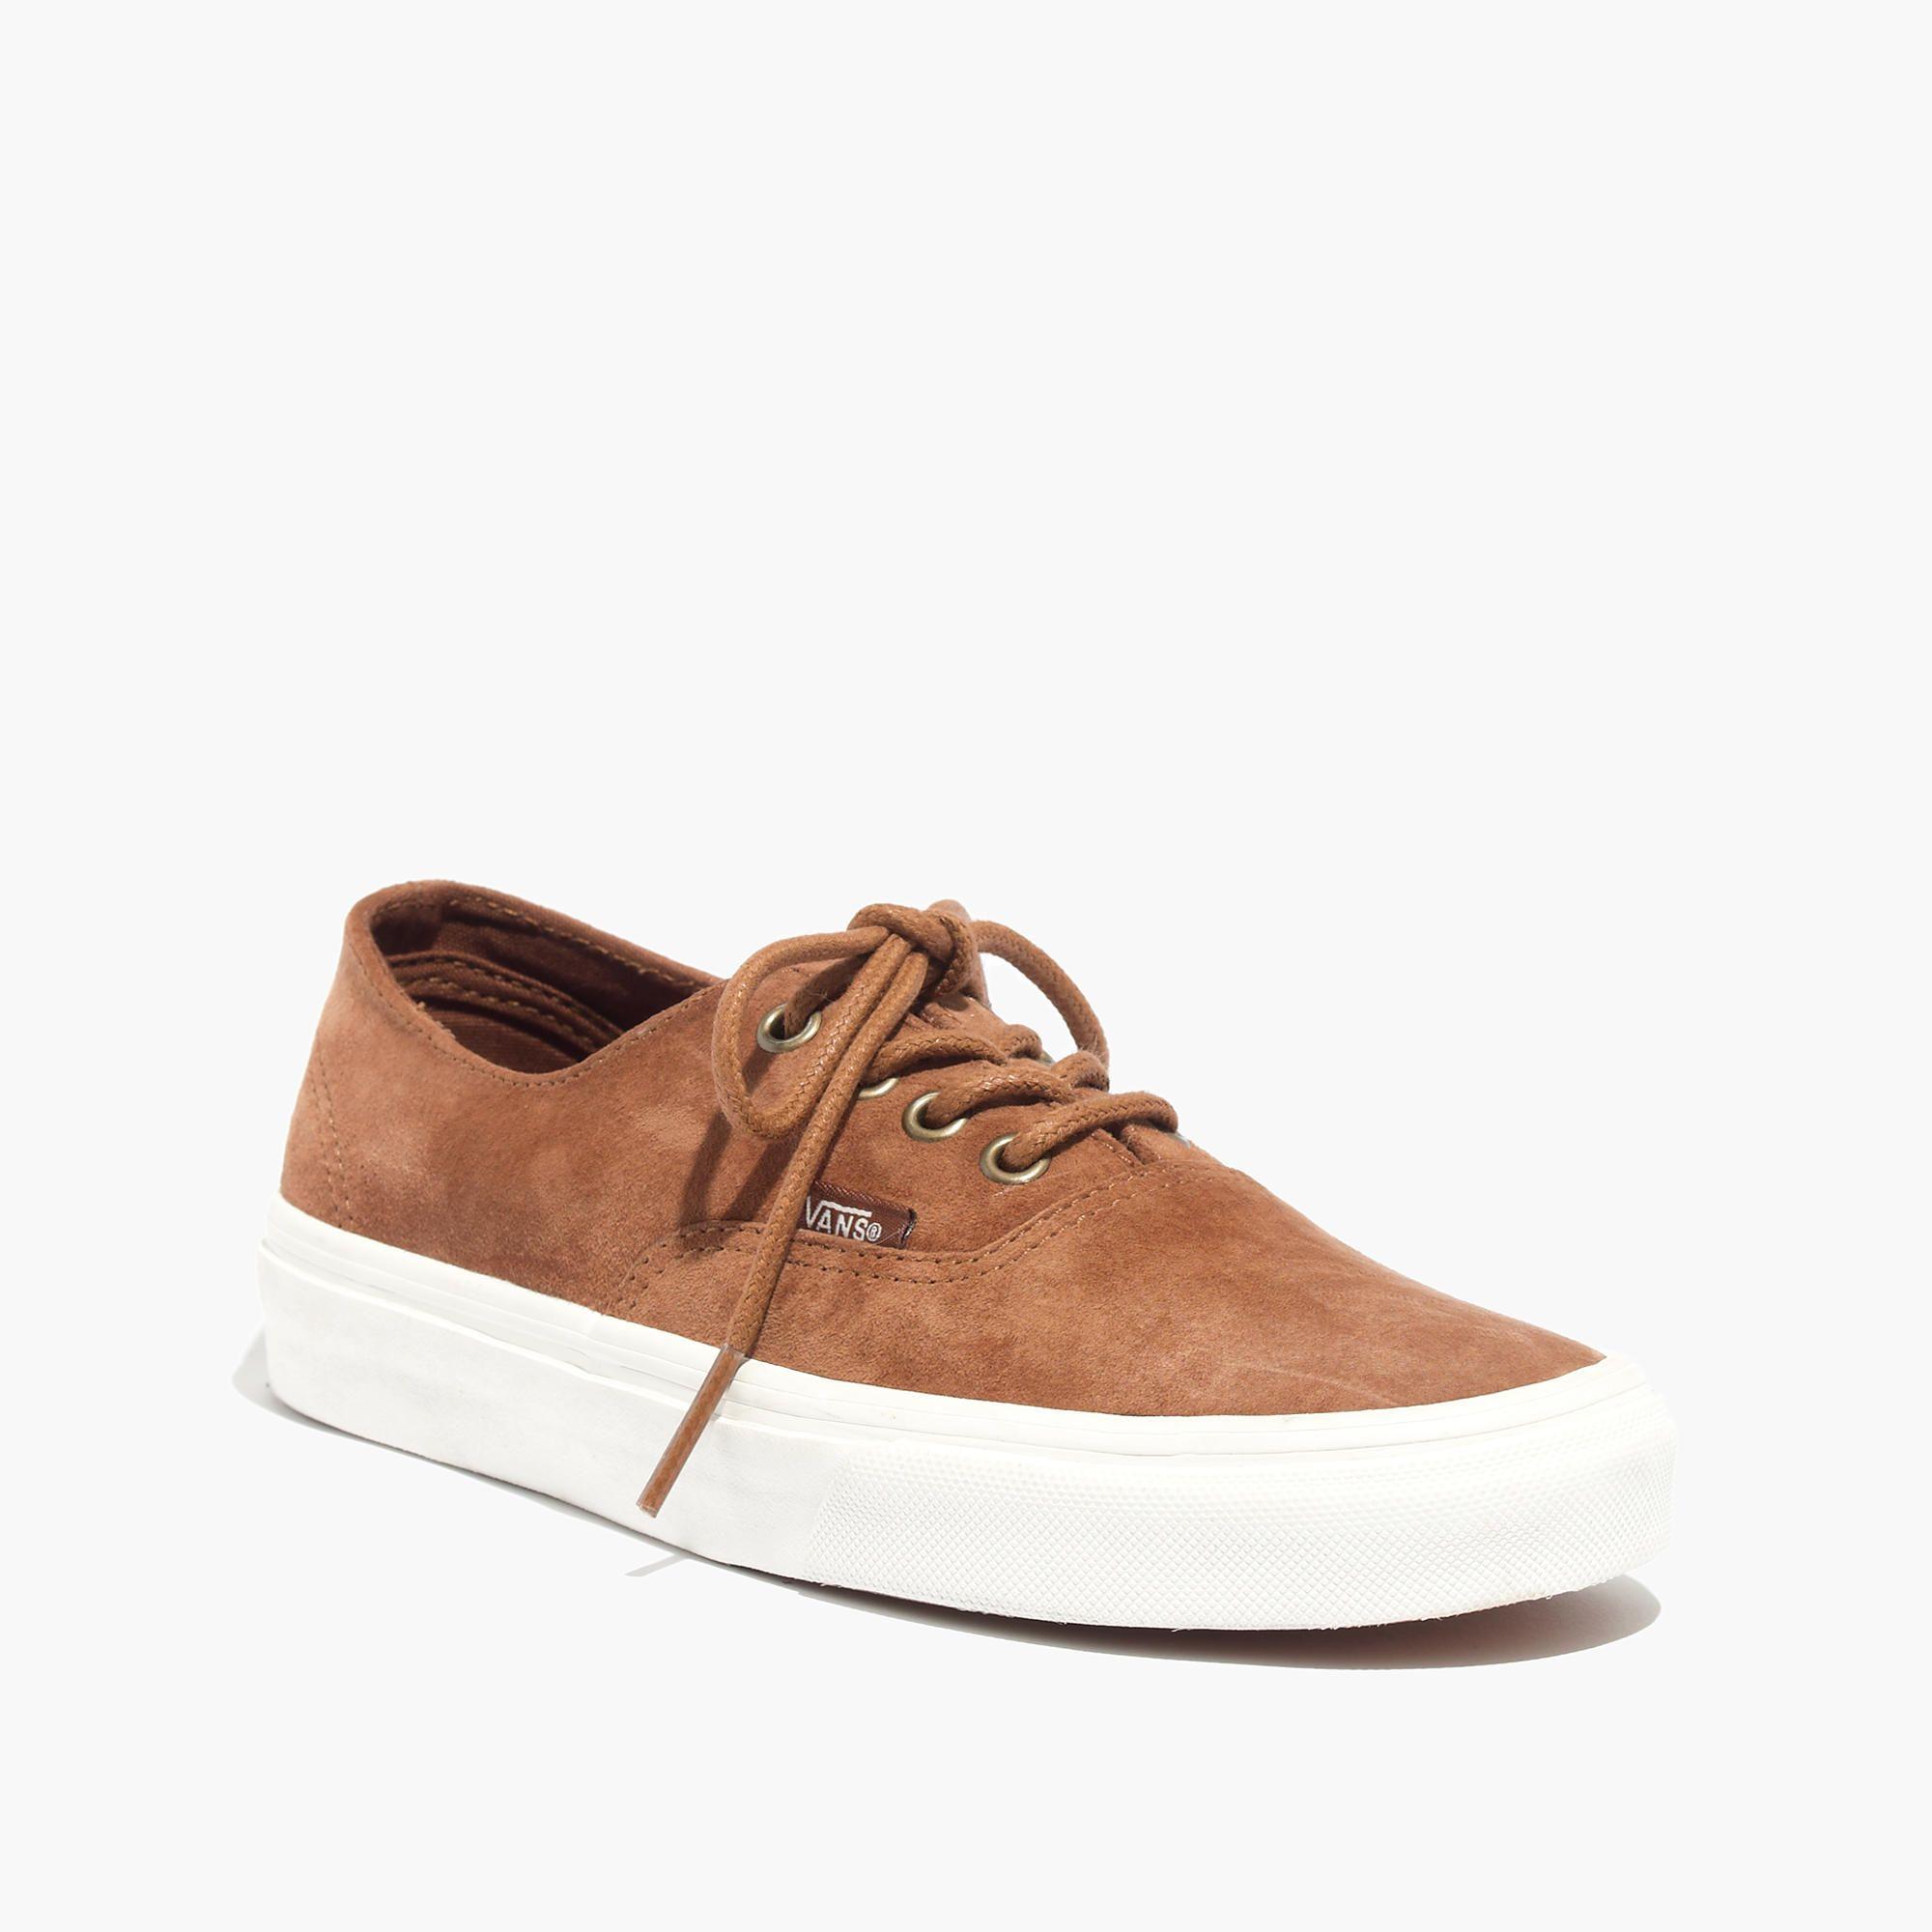 8562c68b587 Vans® CA Authentic Decon Sneakers in Suede   sneakers